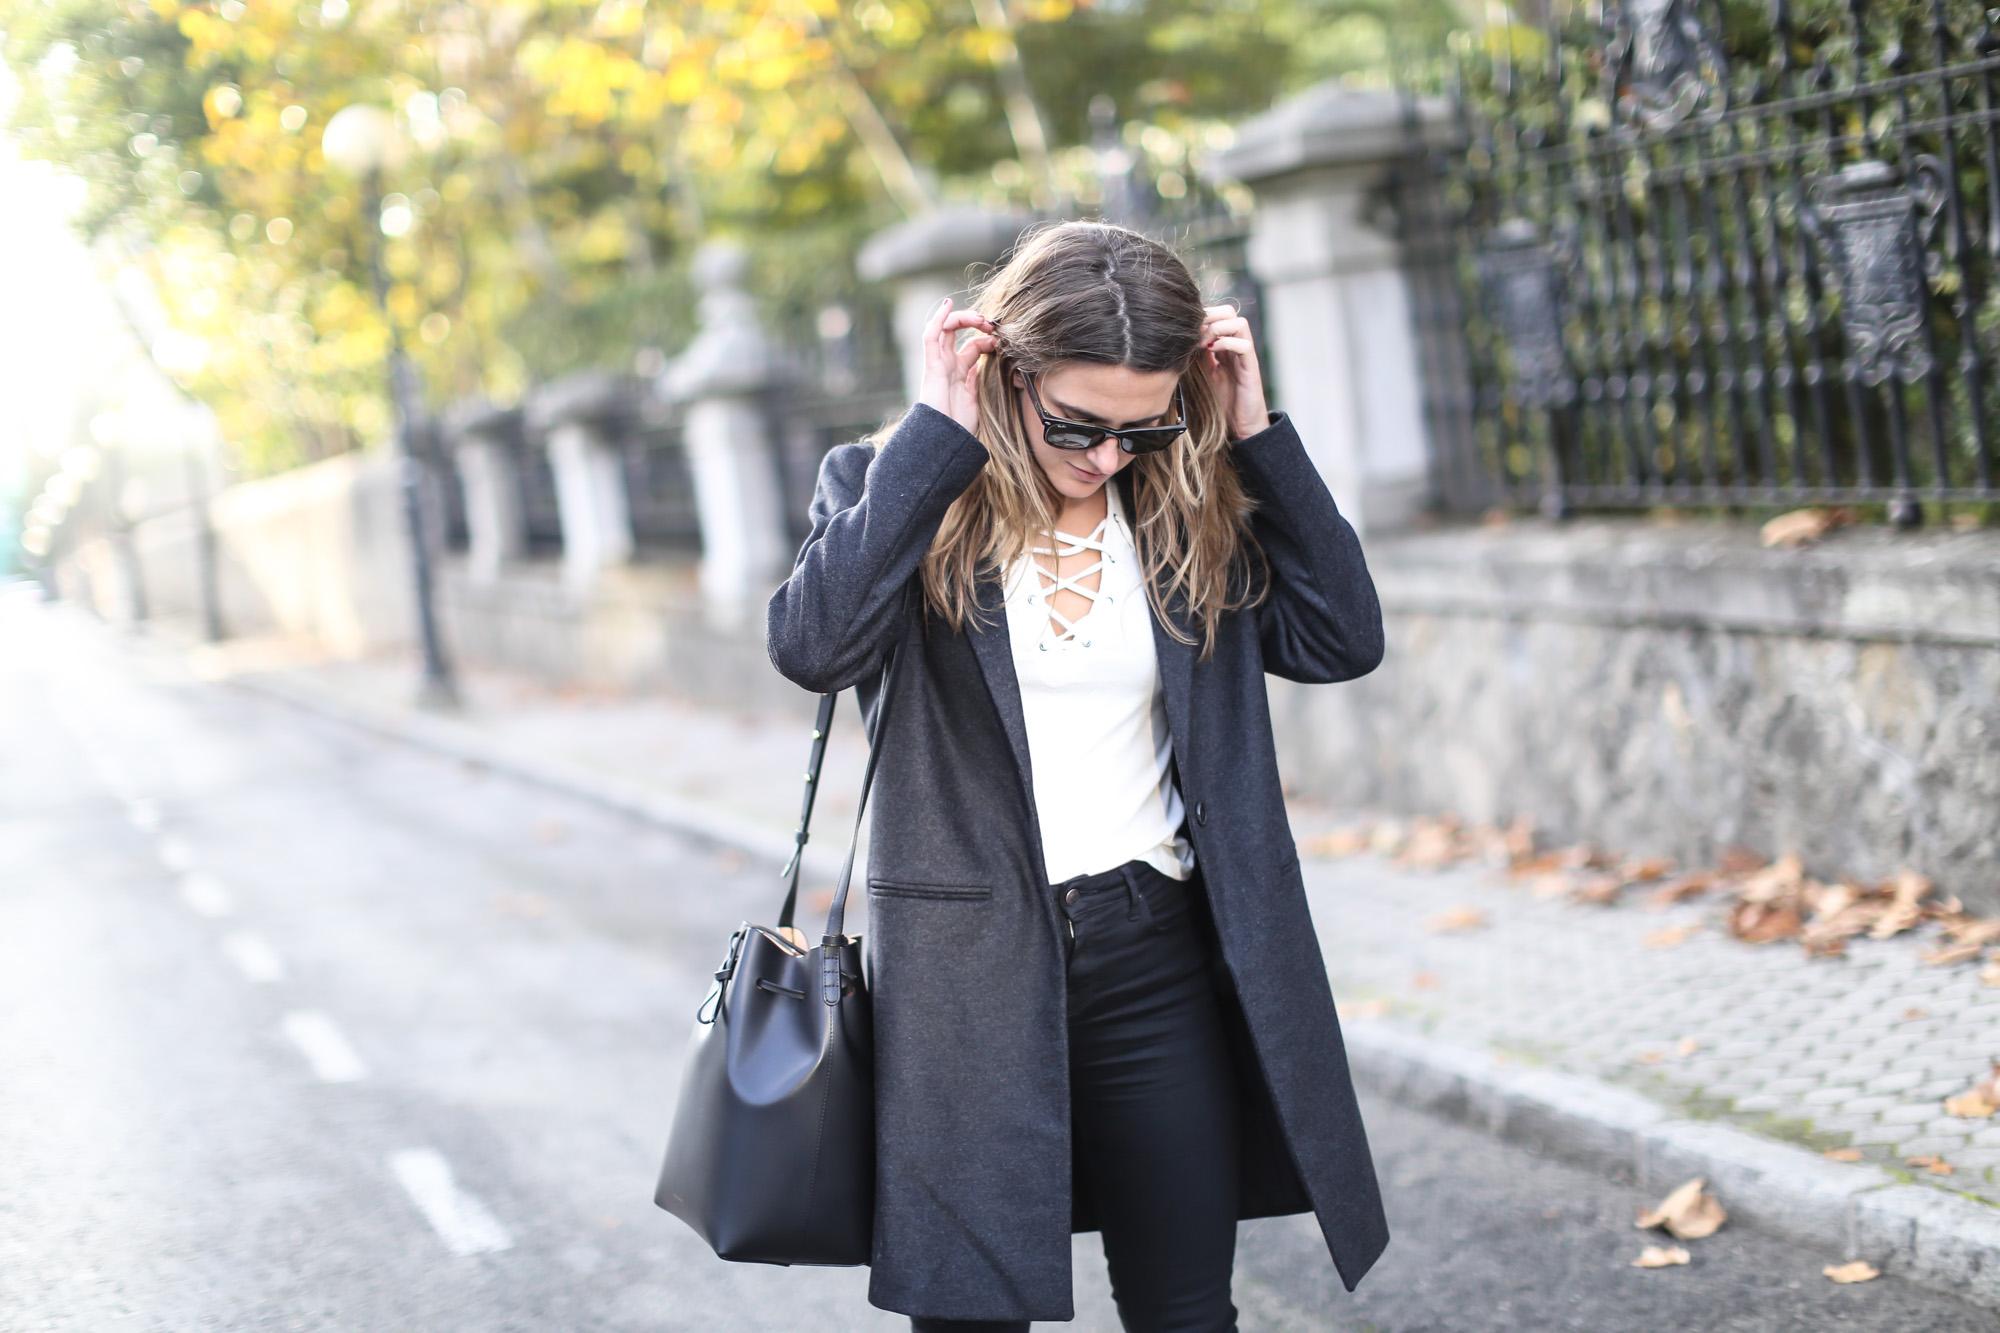 Clochet_streetstyle_eseoese_wool_grey_tailored-coat_mansur_gavriel_bucket_bag-2